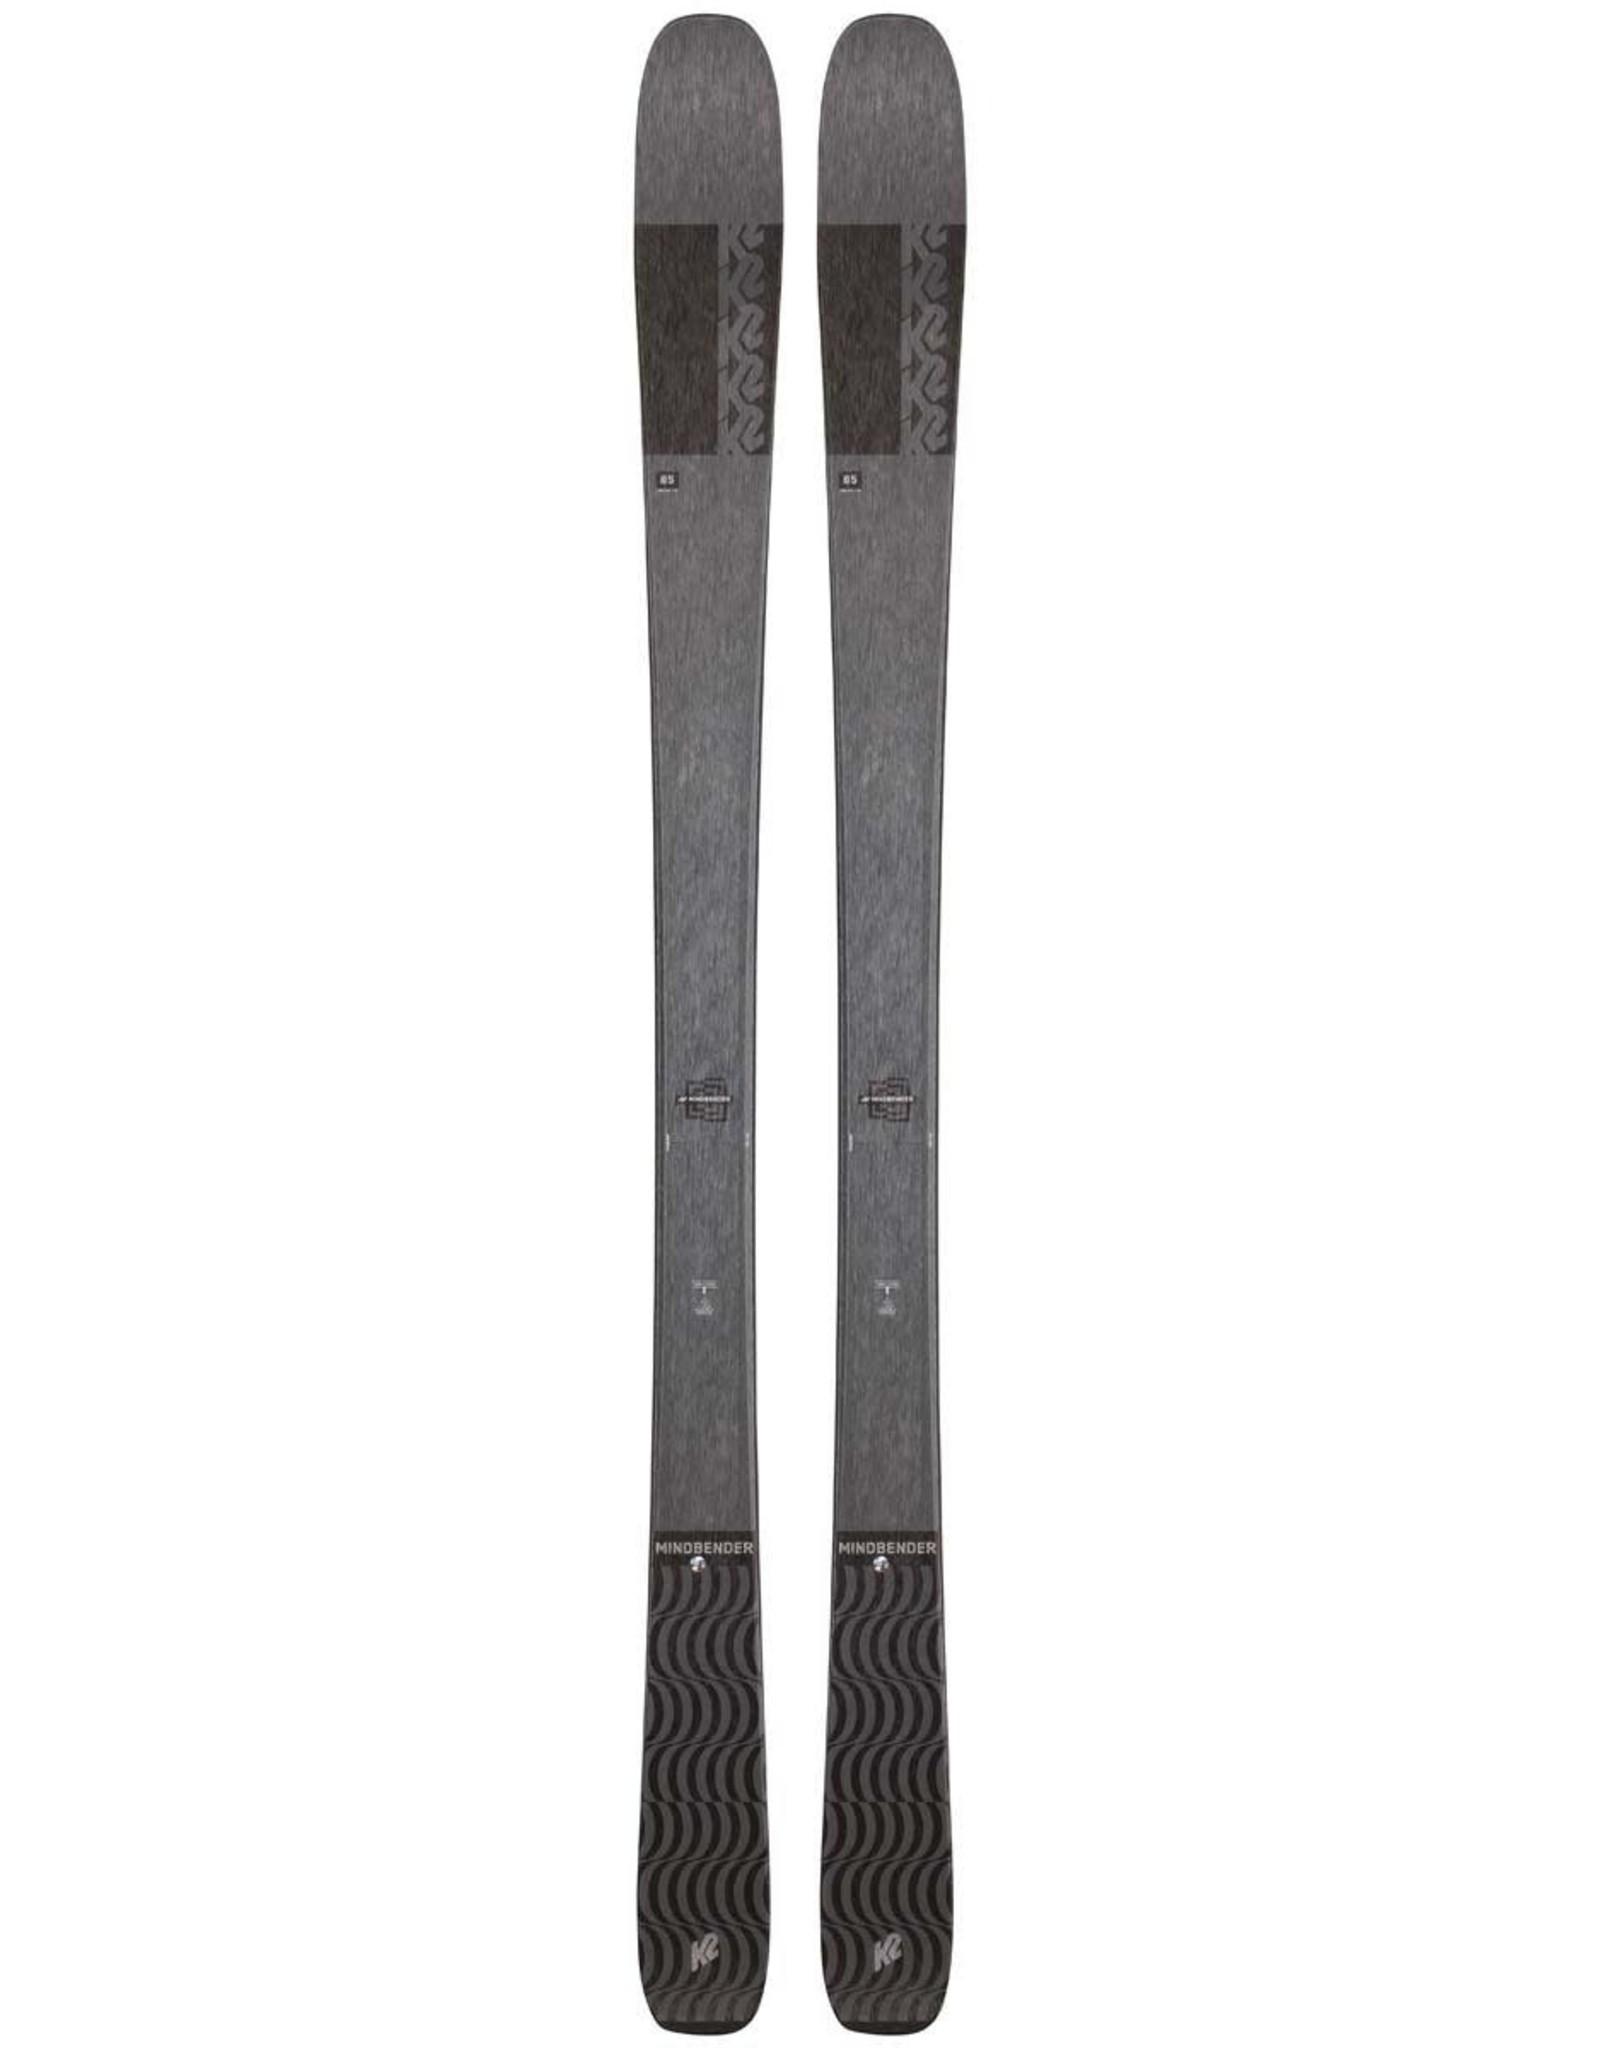 K2 K2 Skis MINDBENDER 85 (20/21)